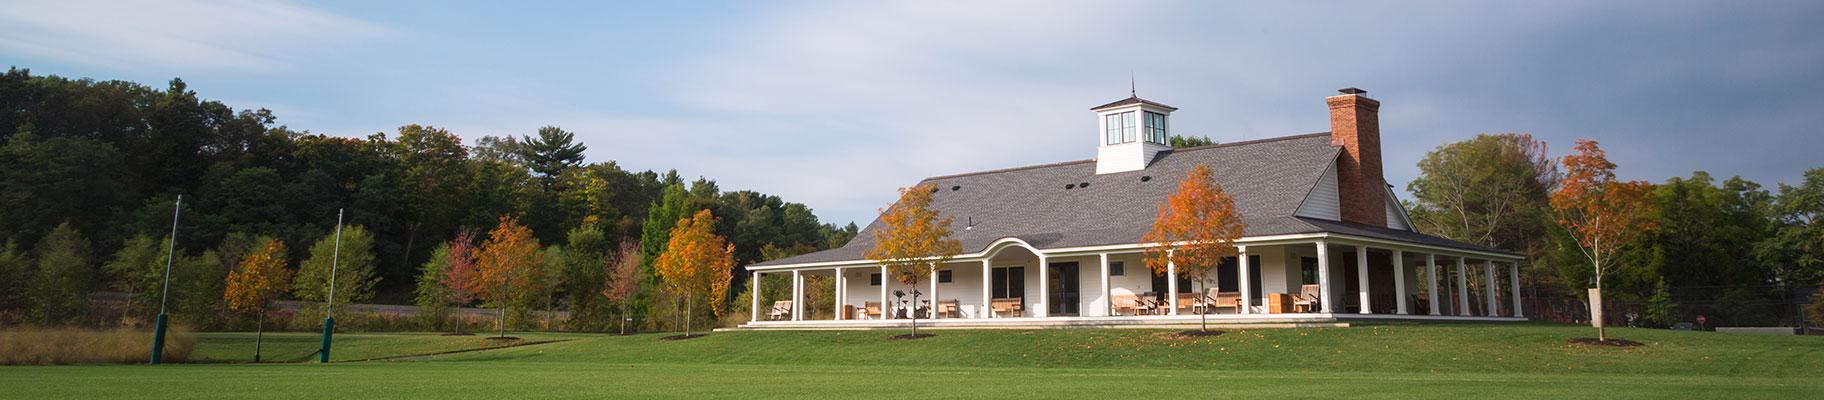 Concord Academy, Lincoln, MA